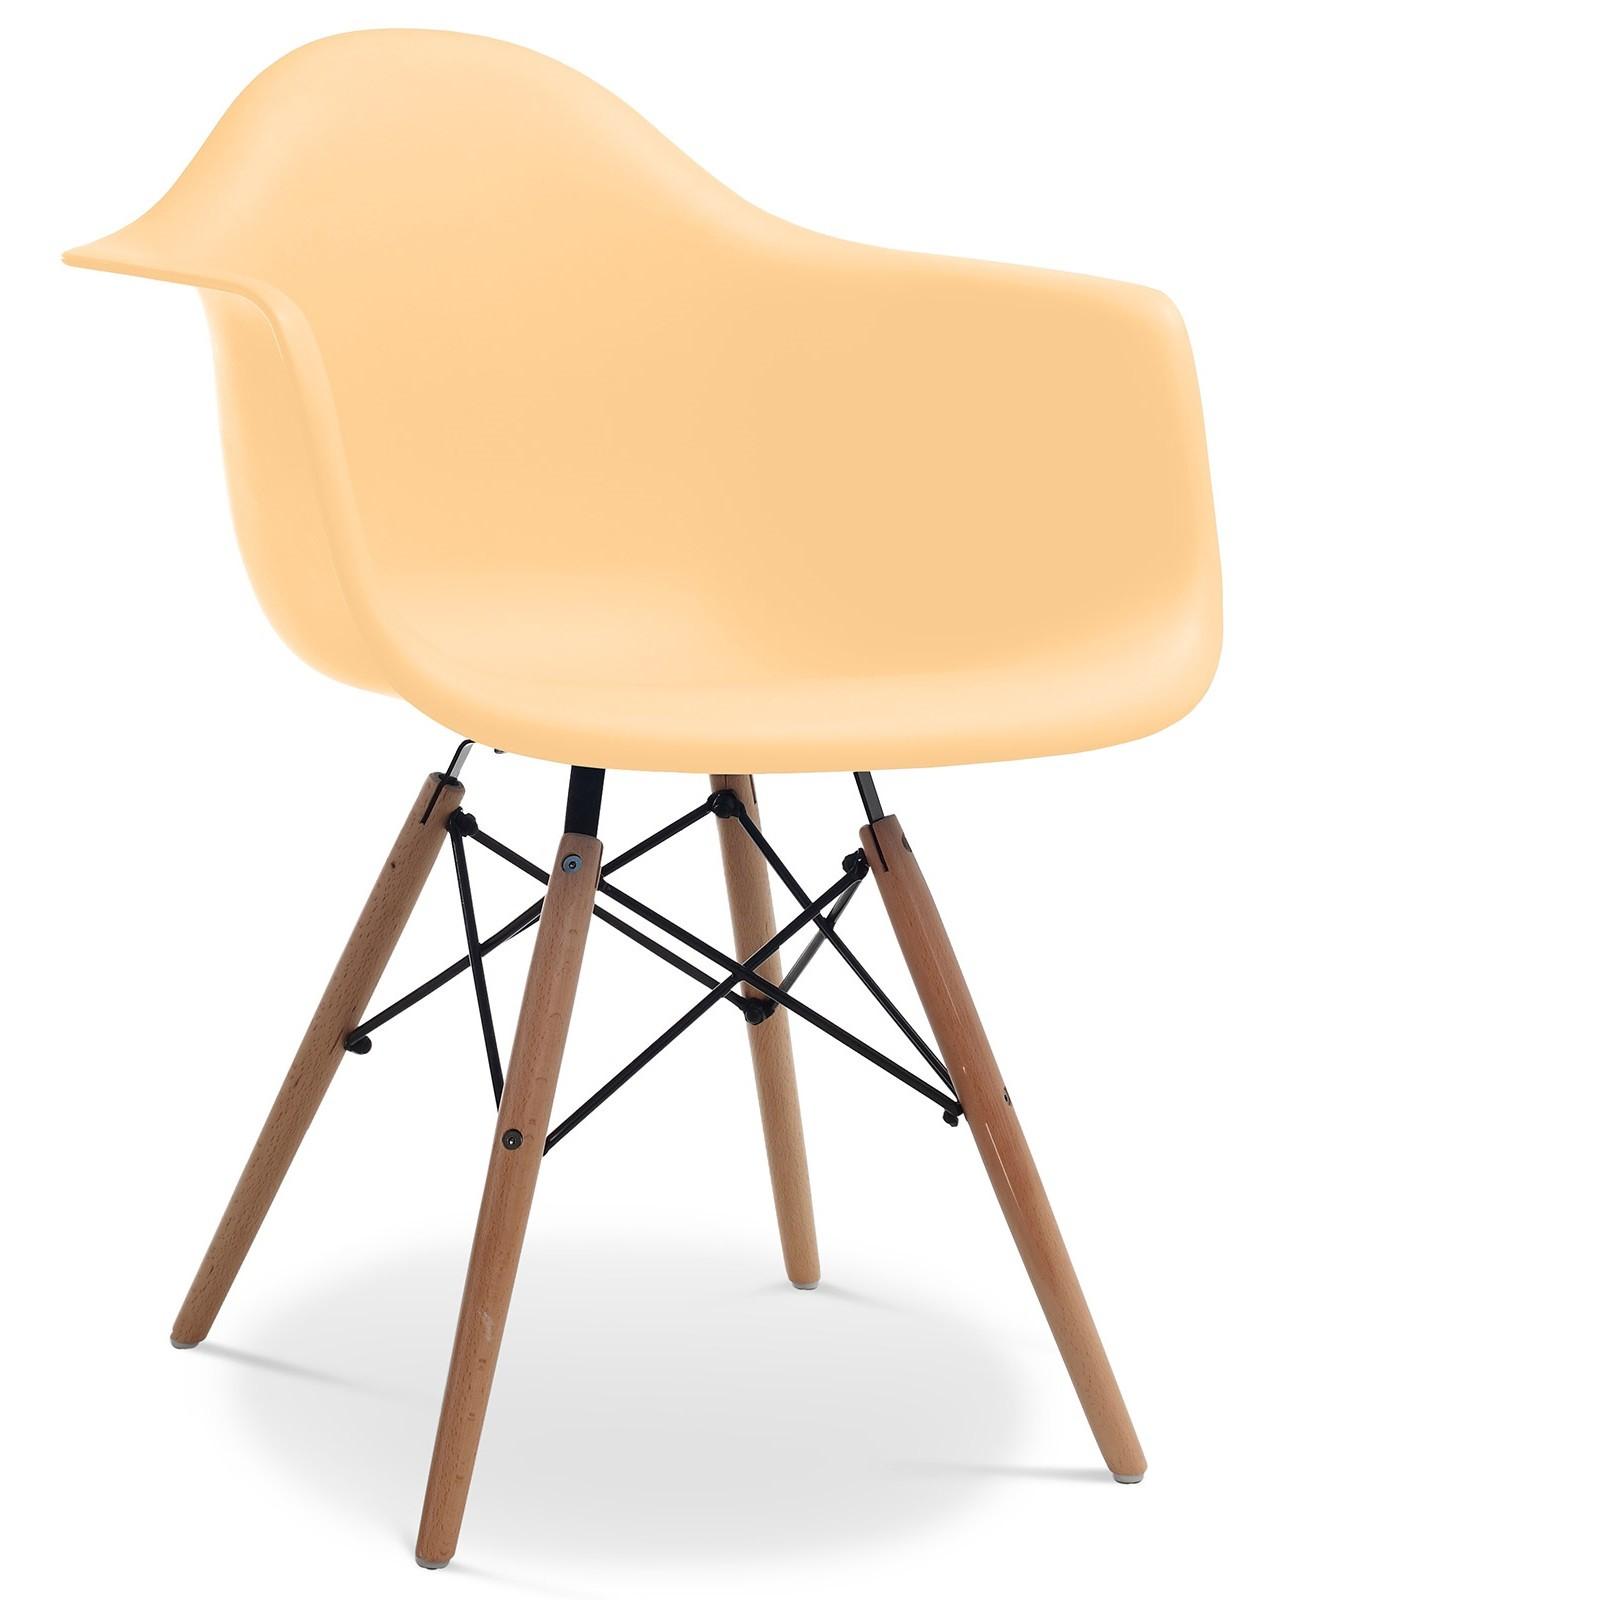 chaise polypropyl ne orange pastel mat et pieds bois clair inspir e daw lot de 2. Black Bedroom Furniture Sets. Home Design Ideas